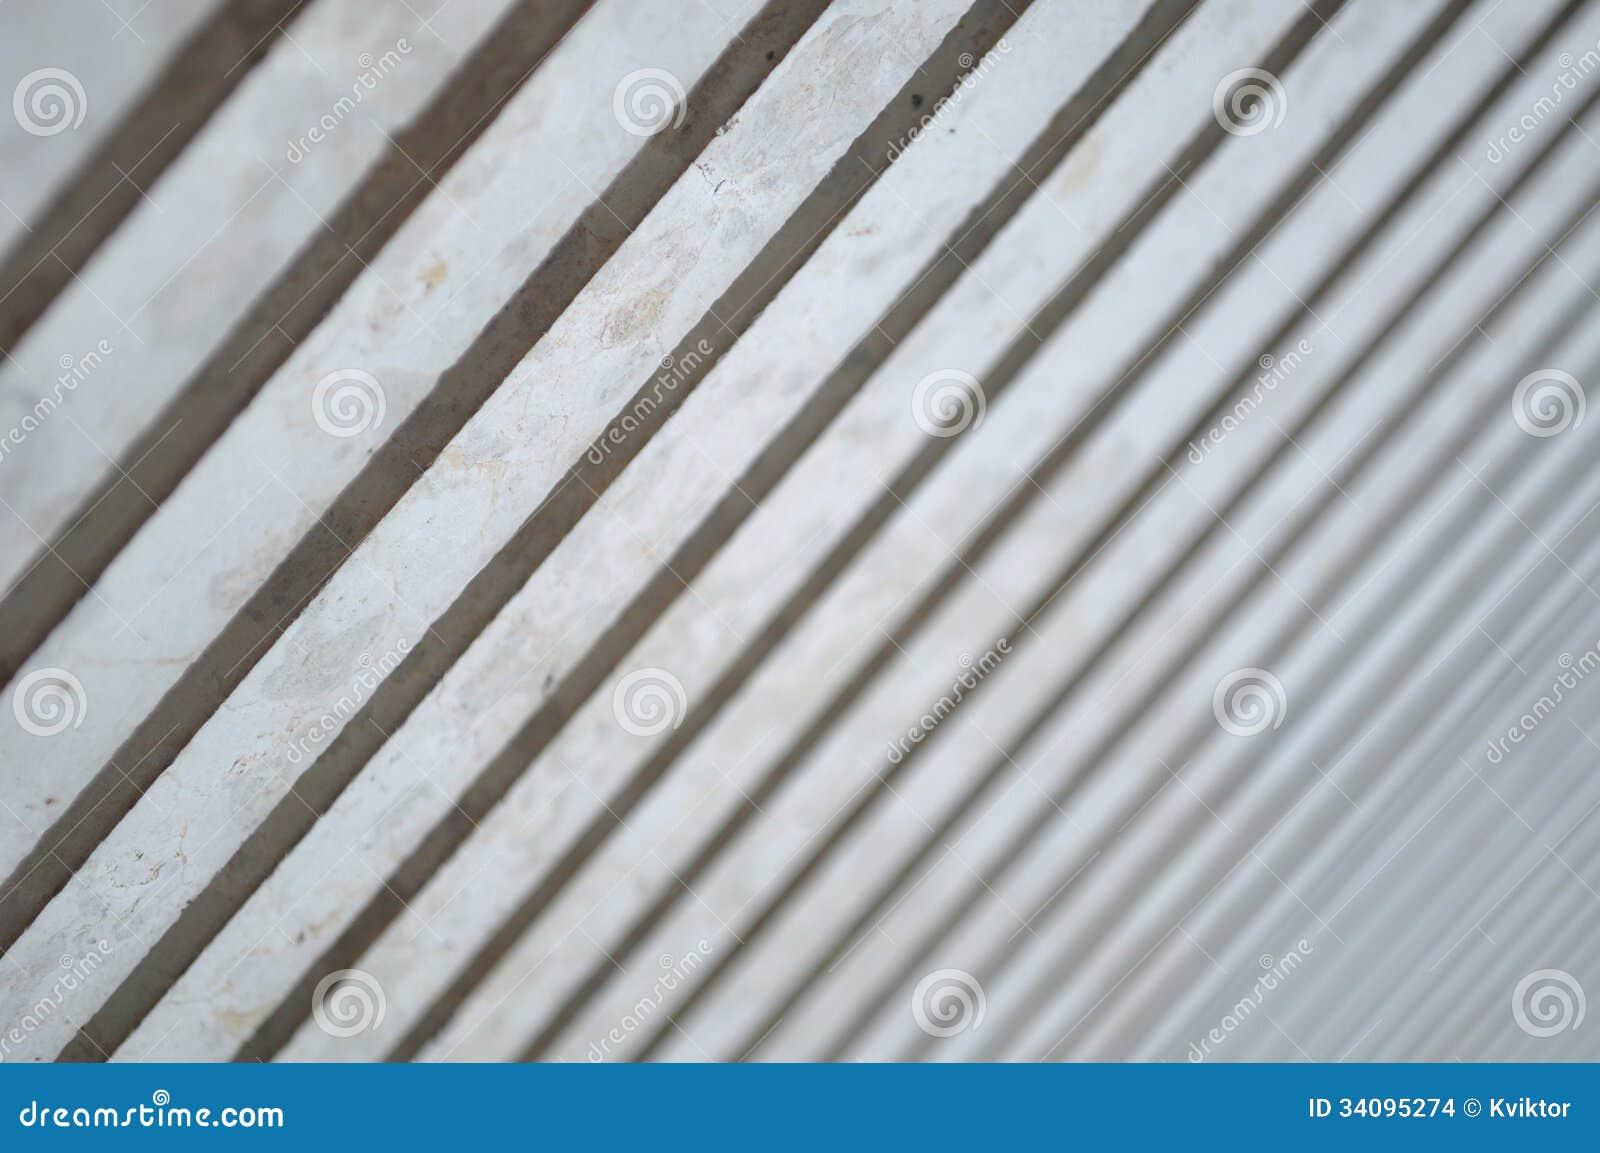 Licht und Schatten auf modernen Spalten in der Diagonale